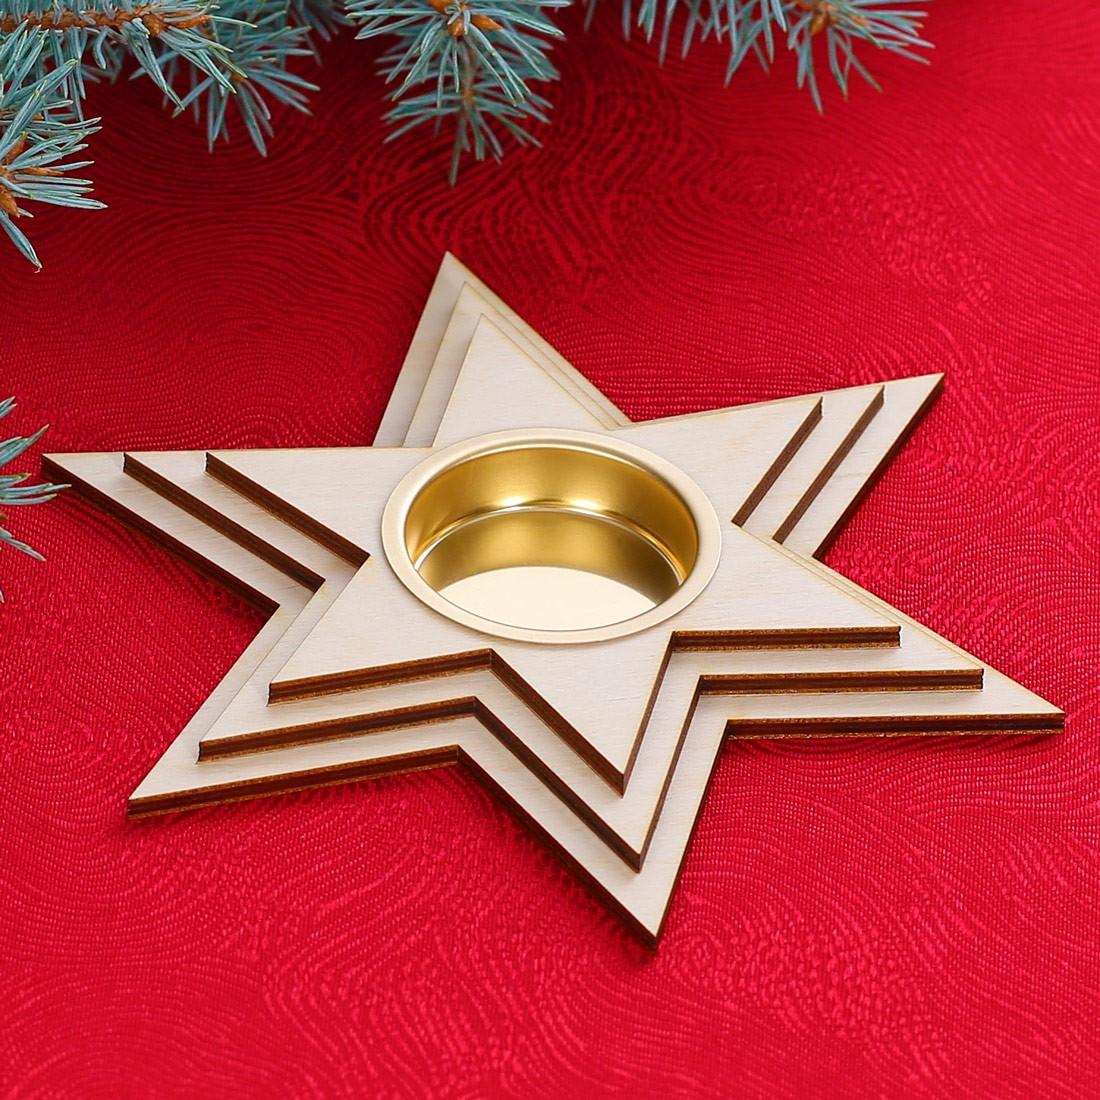 Kerzenhalter Weihnachten.Motiv Teelichthalter Kerzenhalter Dekoration Aus Holz Für Weihnachten